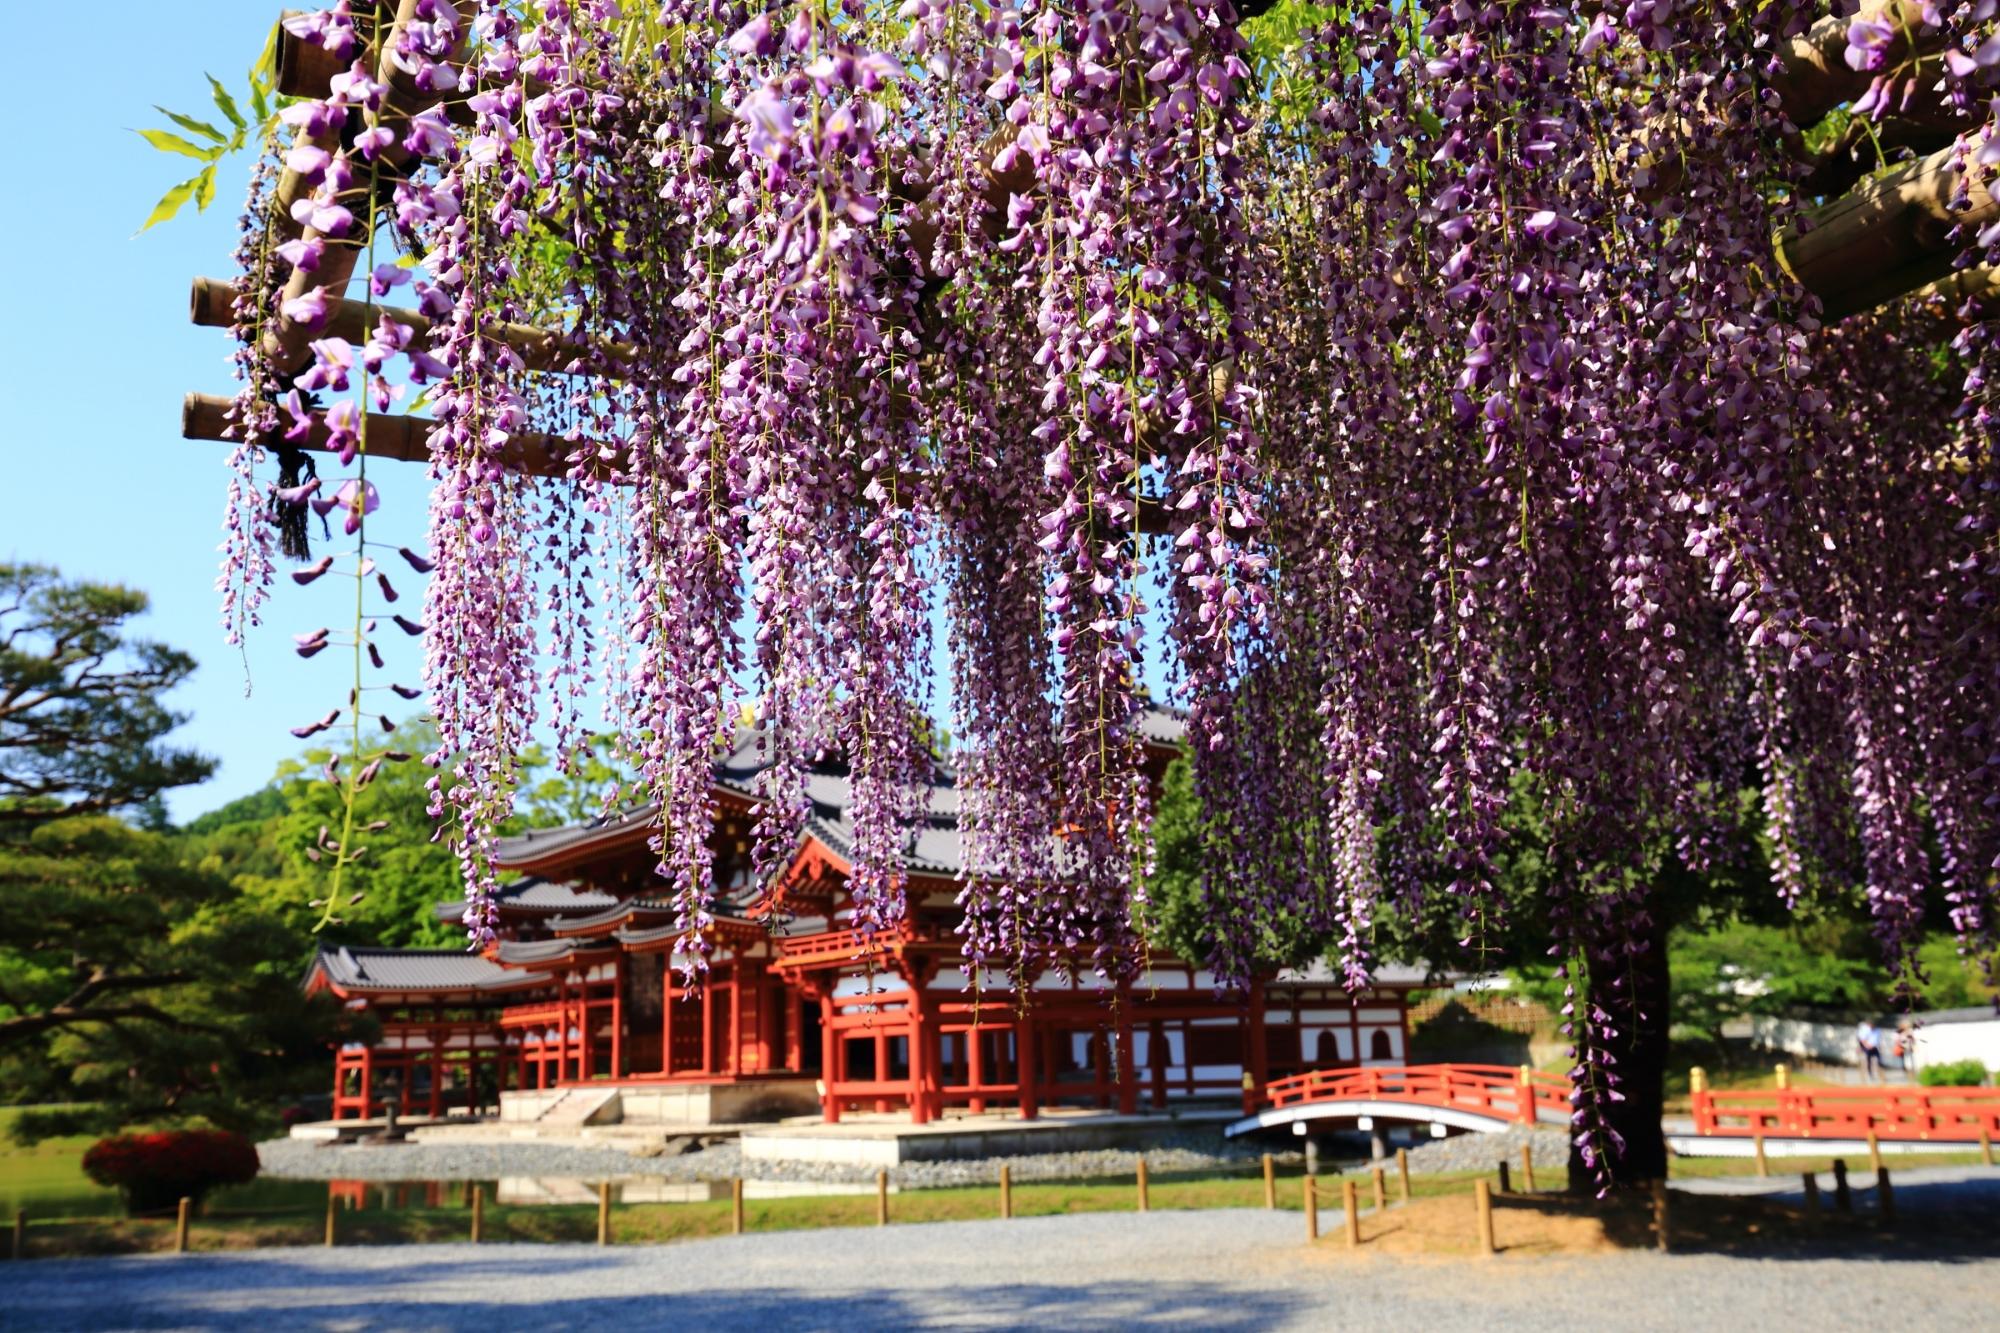 藤と鳳凰堂の平等院の絵になる春の風景